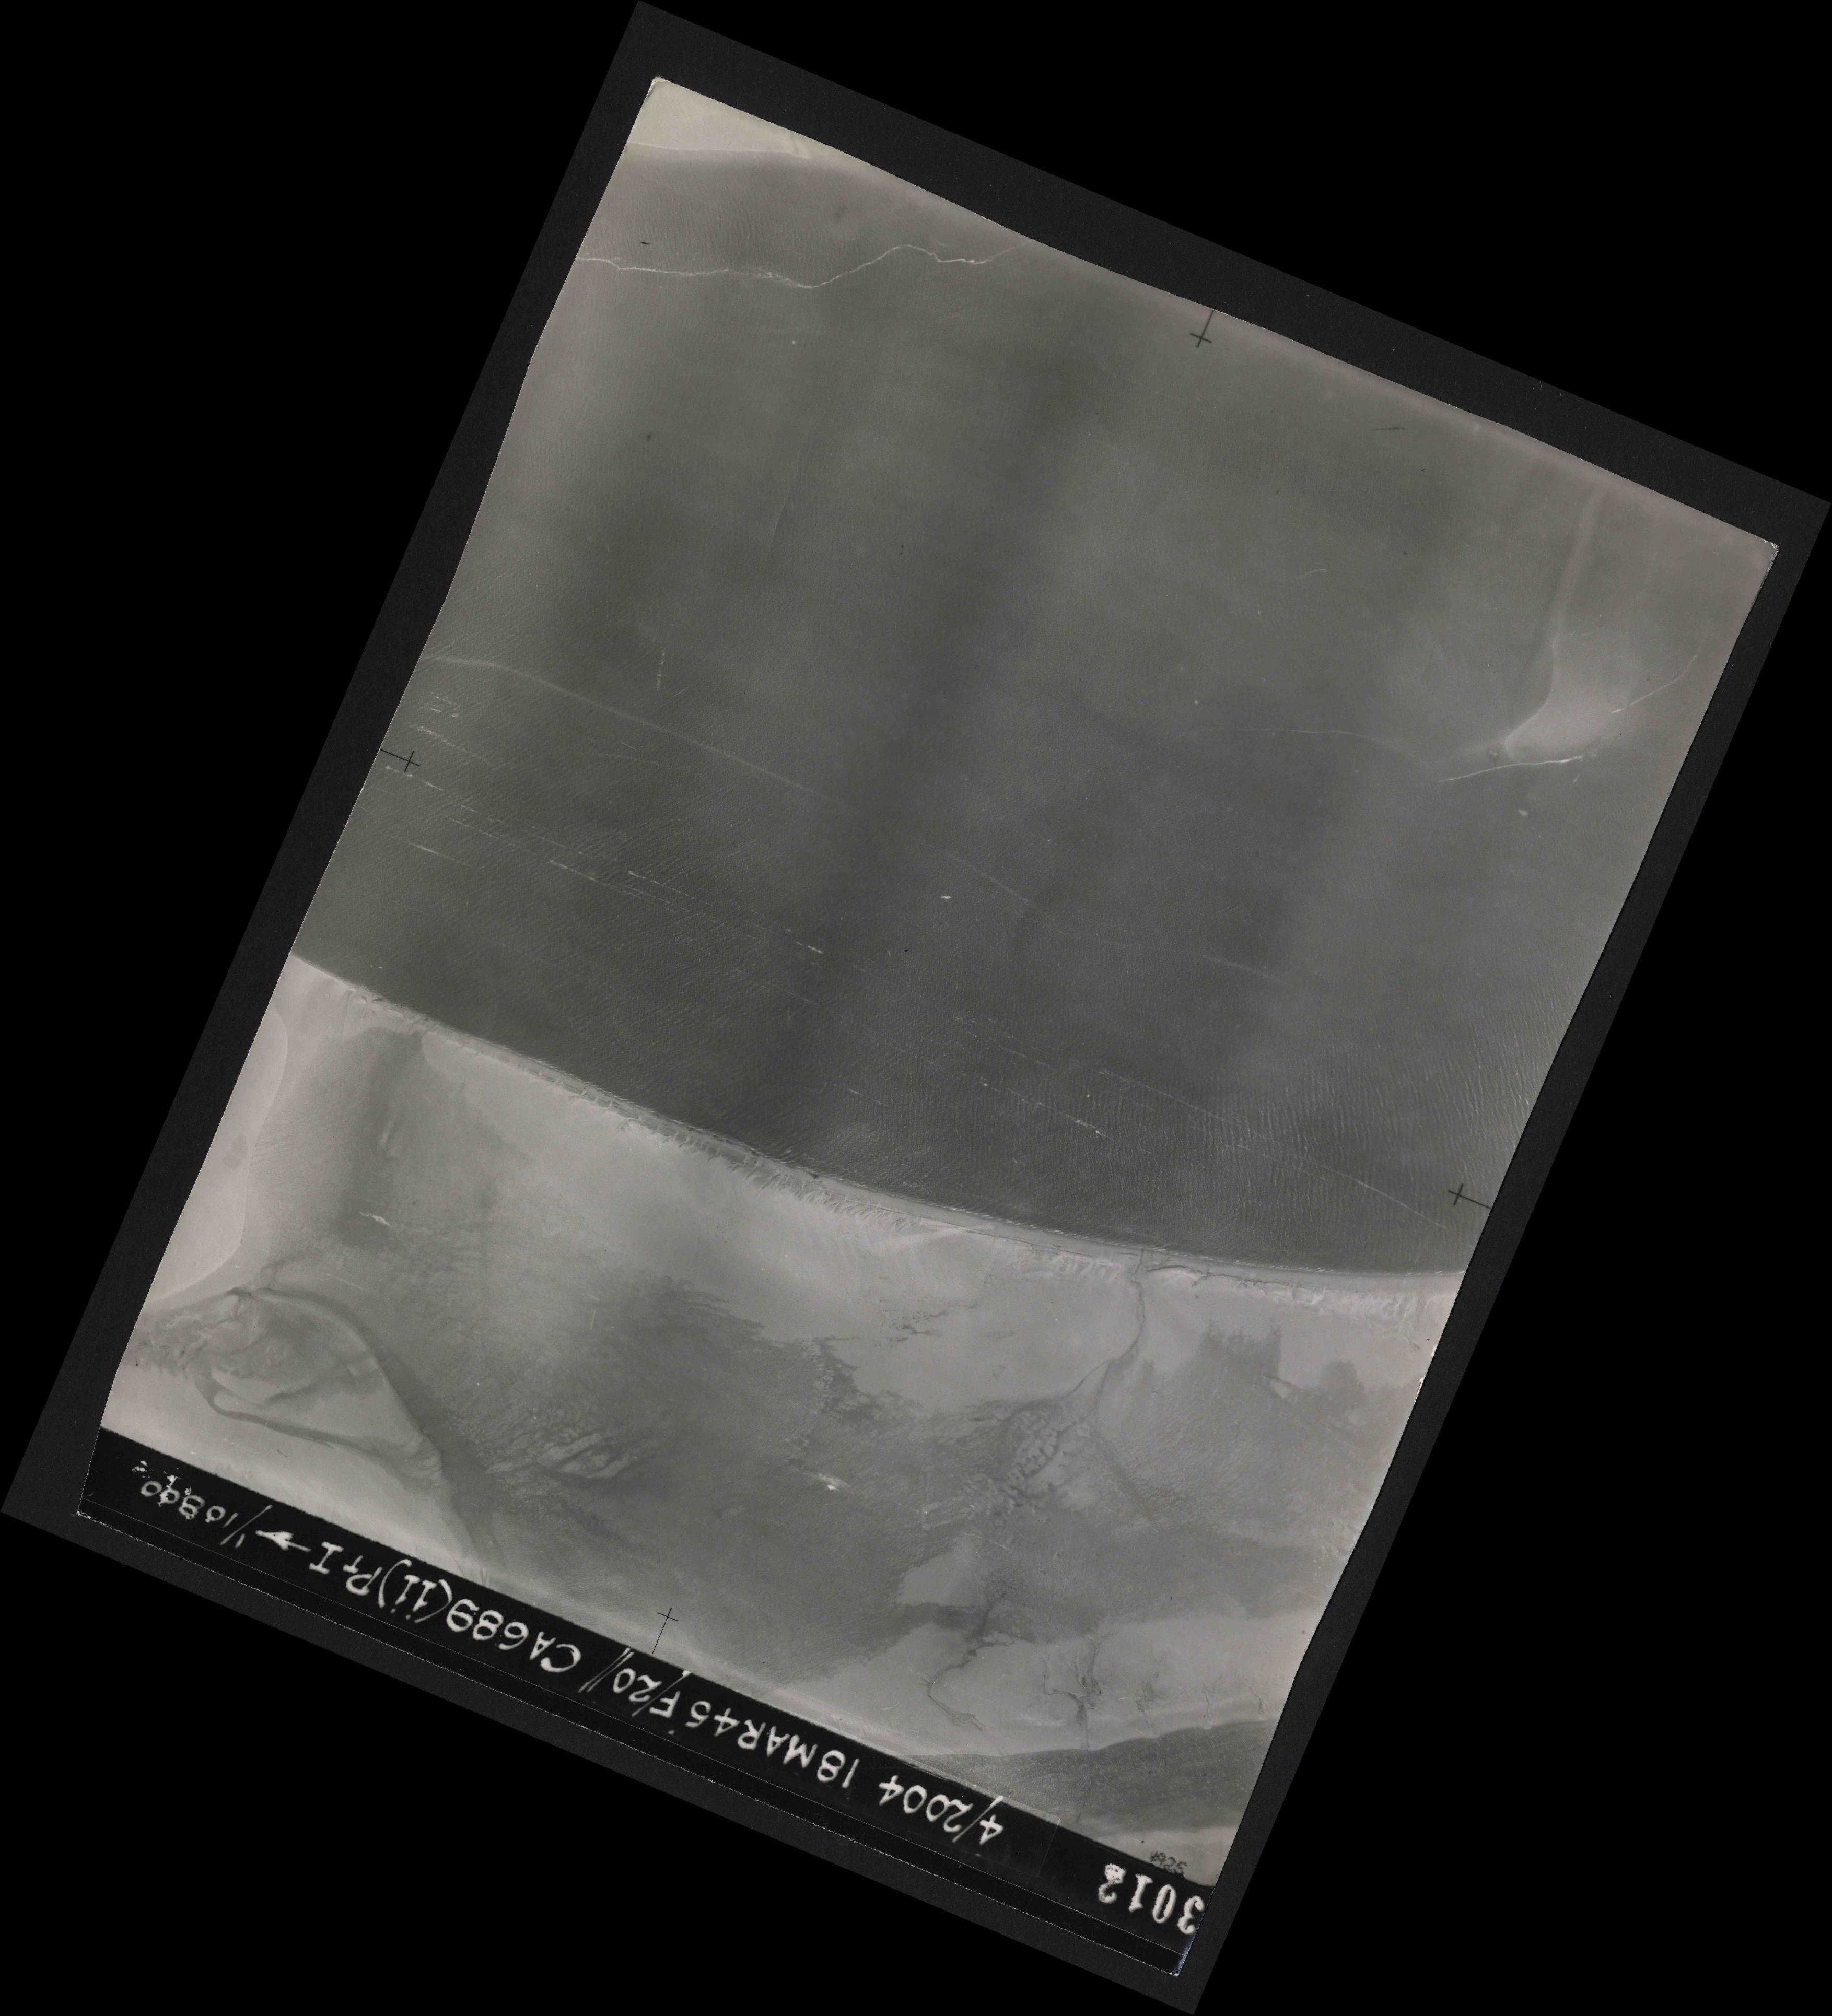 Collection RAF aerial photos 1940-1945 - flight 076, run 12, photo 3012